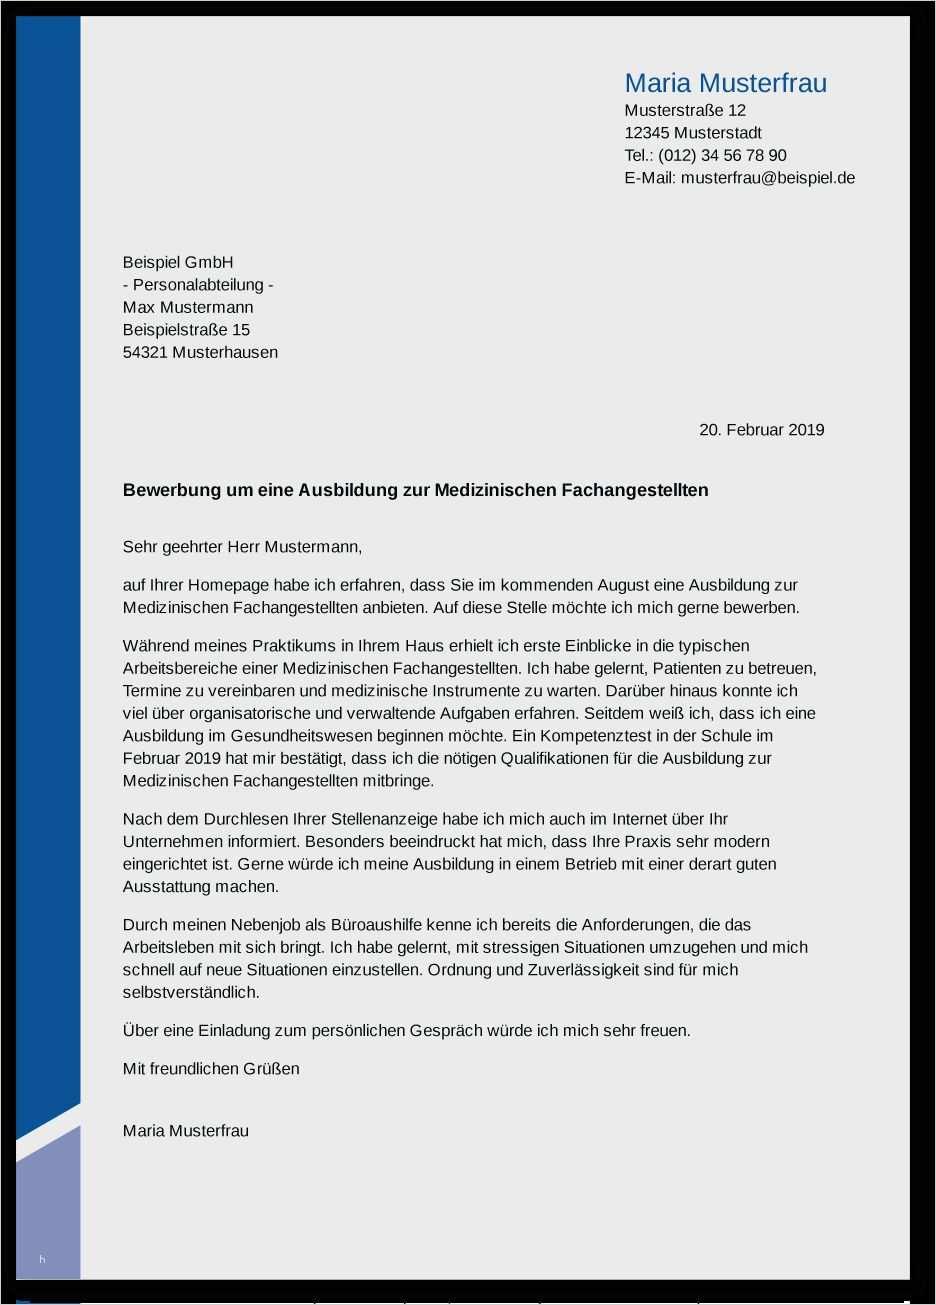 Fabelhaft Anschreiben Bundeswehr Vorlage Jene Konnen Adaptieren In Ms Word Bewerbung Schreiben Bewerbungsschreiben Vorlagen Lebenslauf